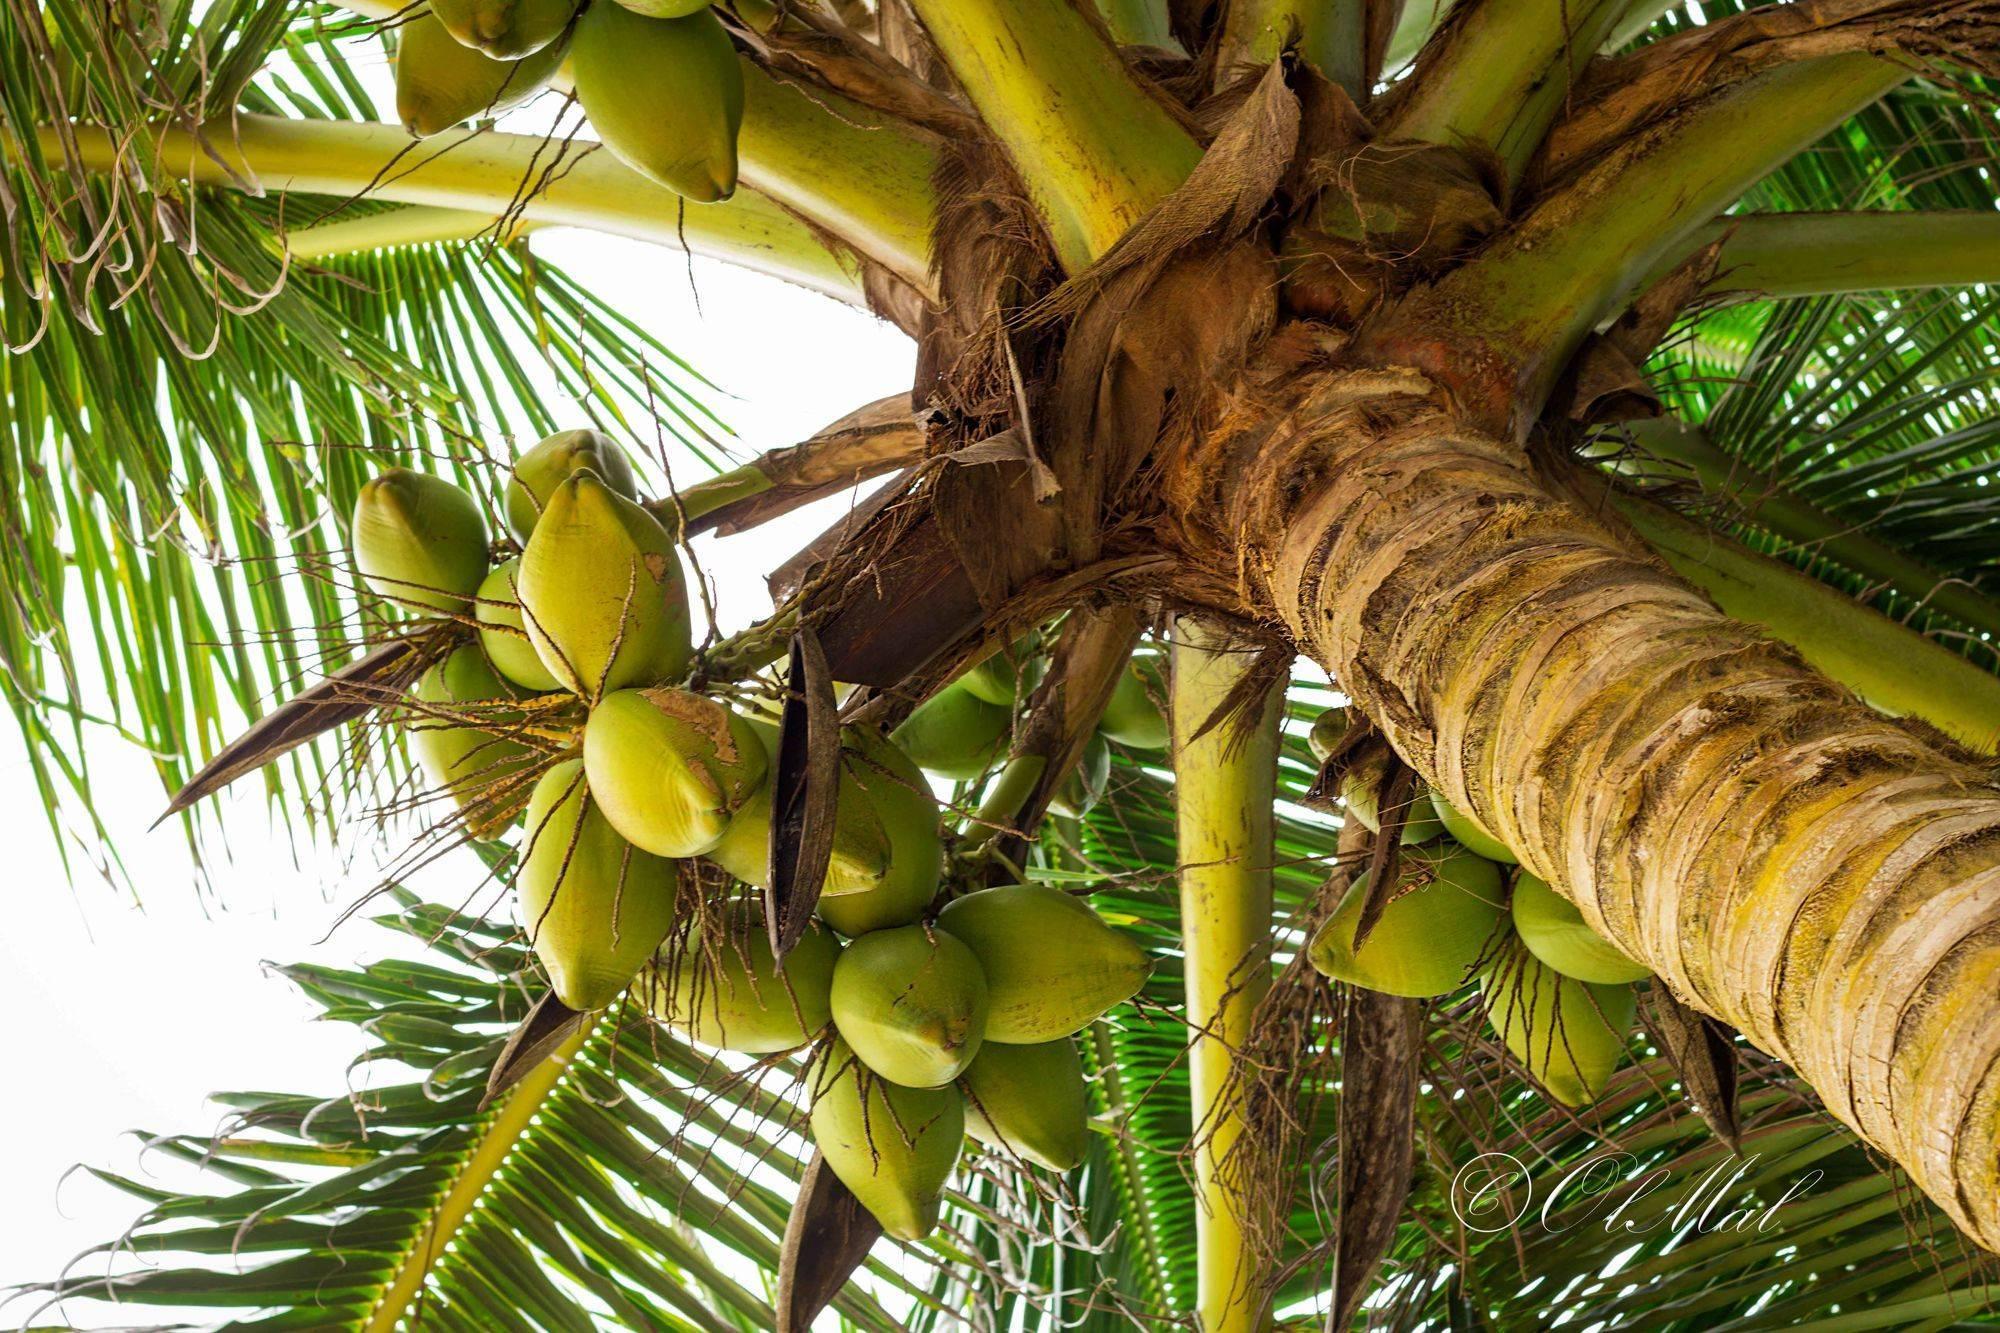 В каких странах растут бананы, как размножаются и каков их жизненный цикл в природе?